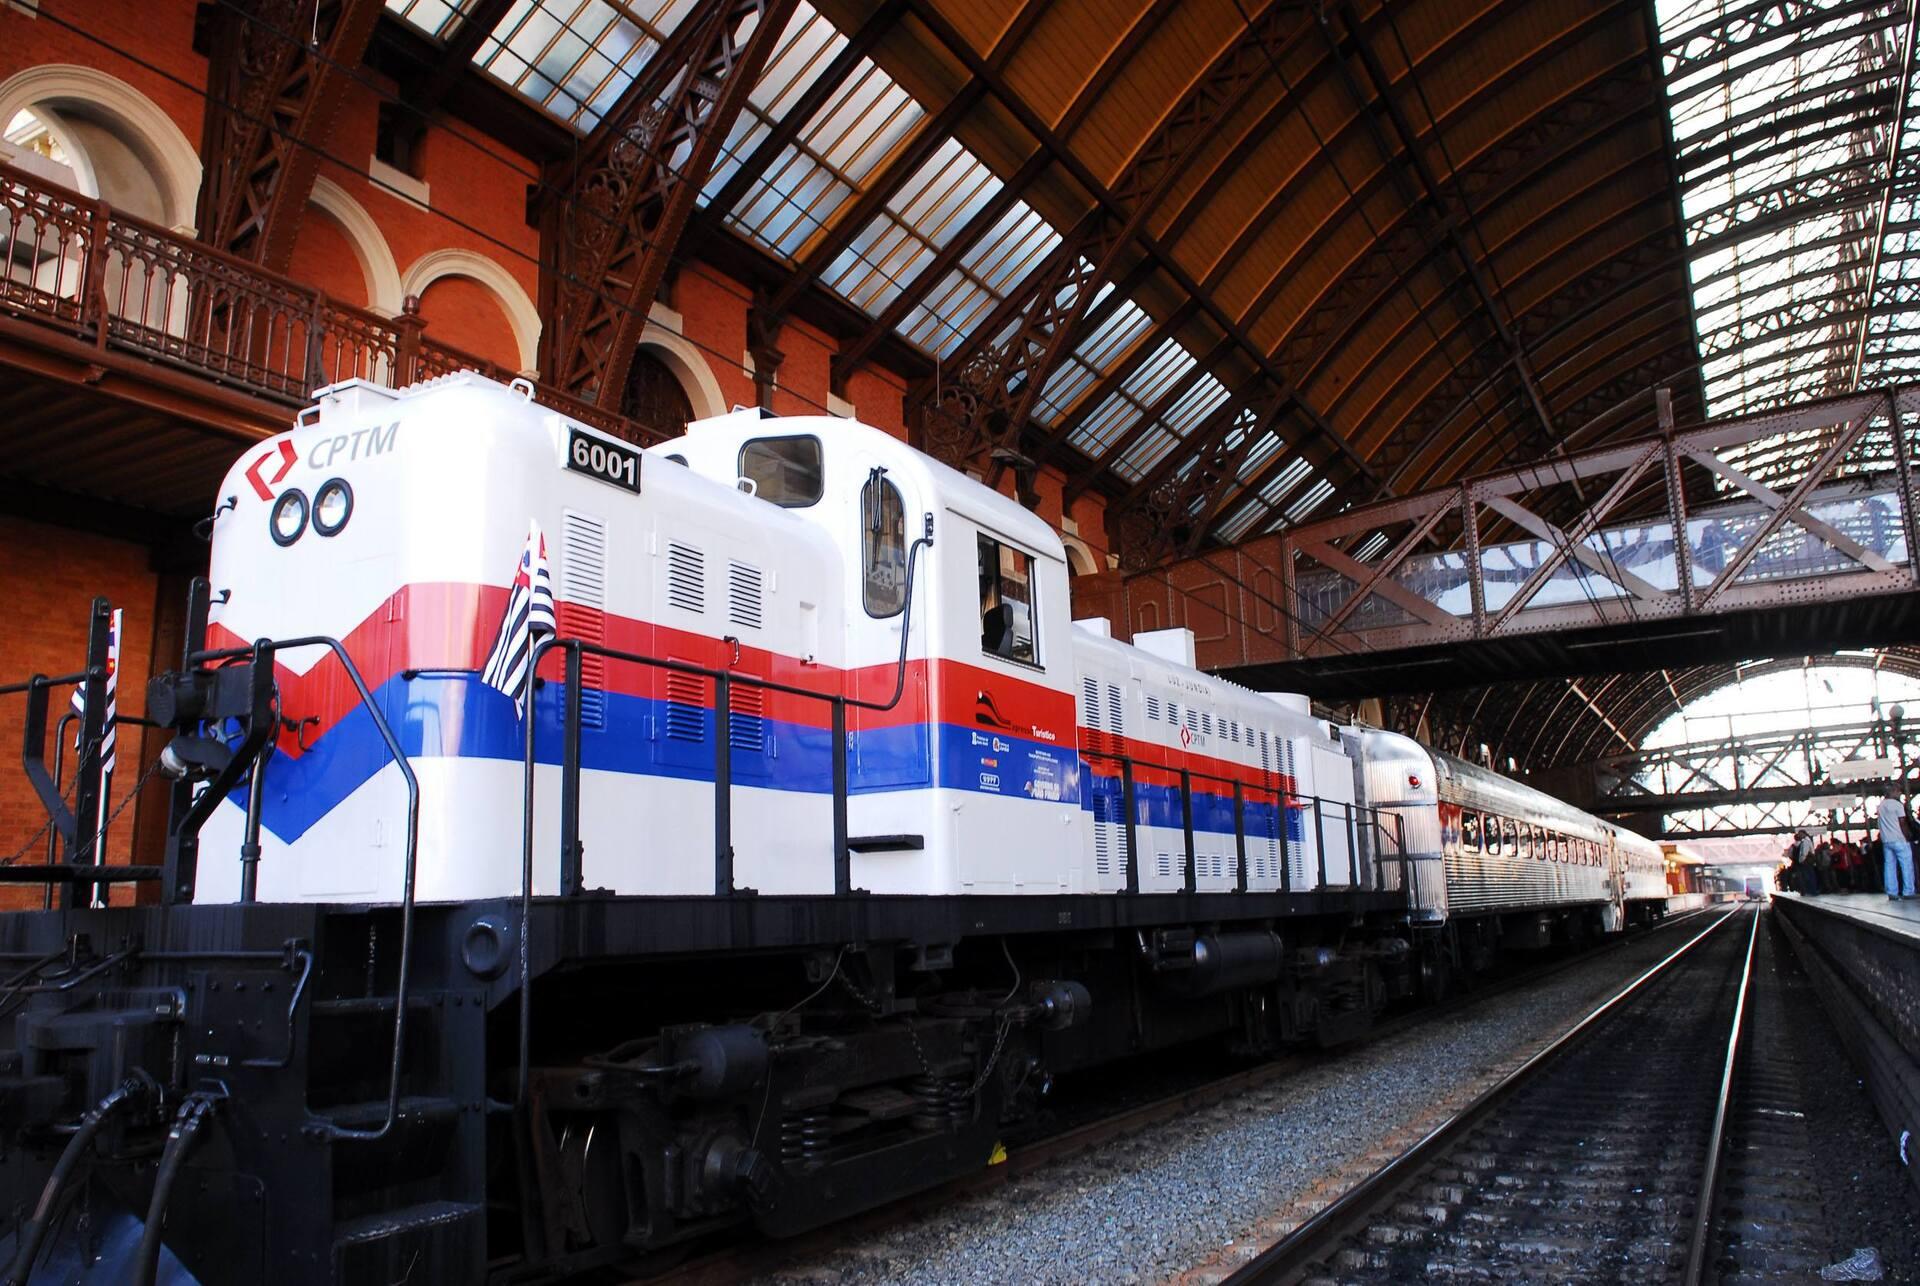 Criado em 2009, o Expresso Turístico resgata o glamour das viagens férreas da década de 1950